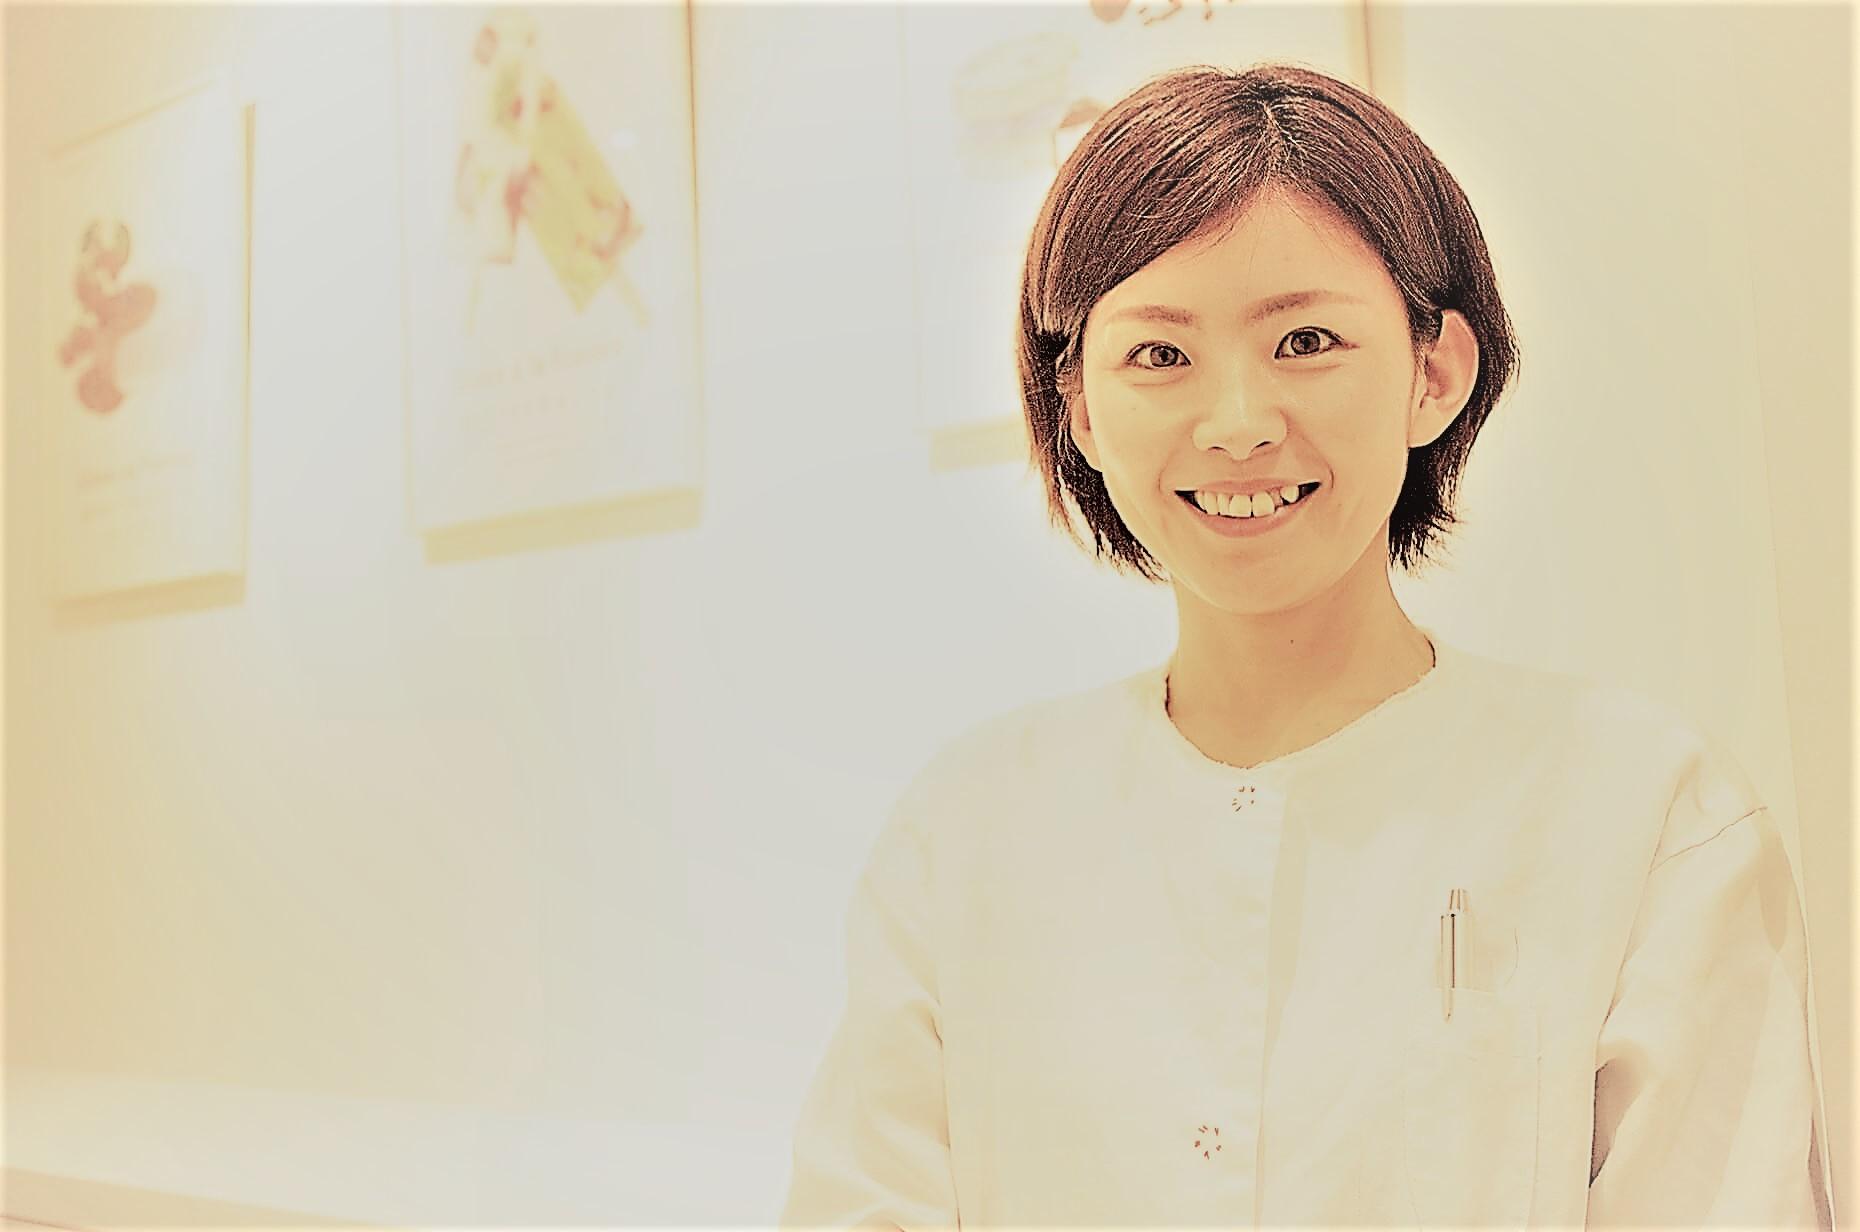 渡部美佳(パティシエ)が作るいちごのスイーツや店舗を紹介!経歴や結婚相手も調査!